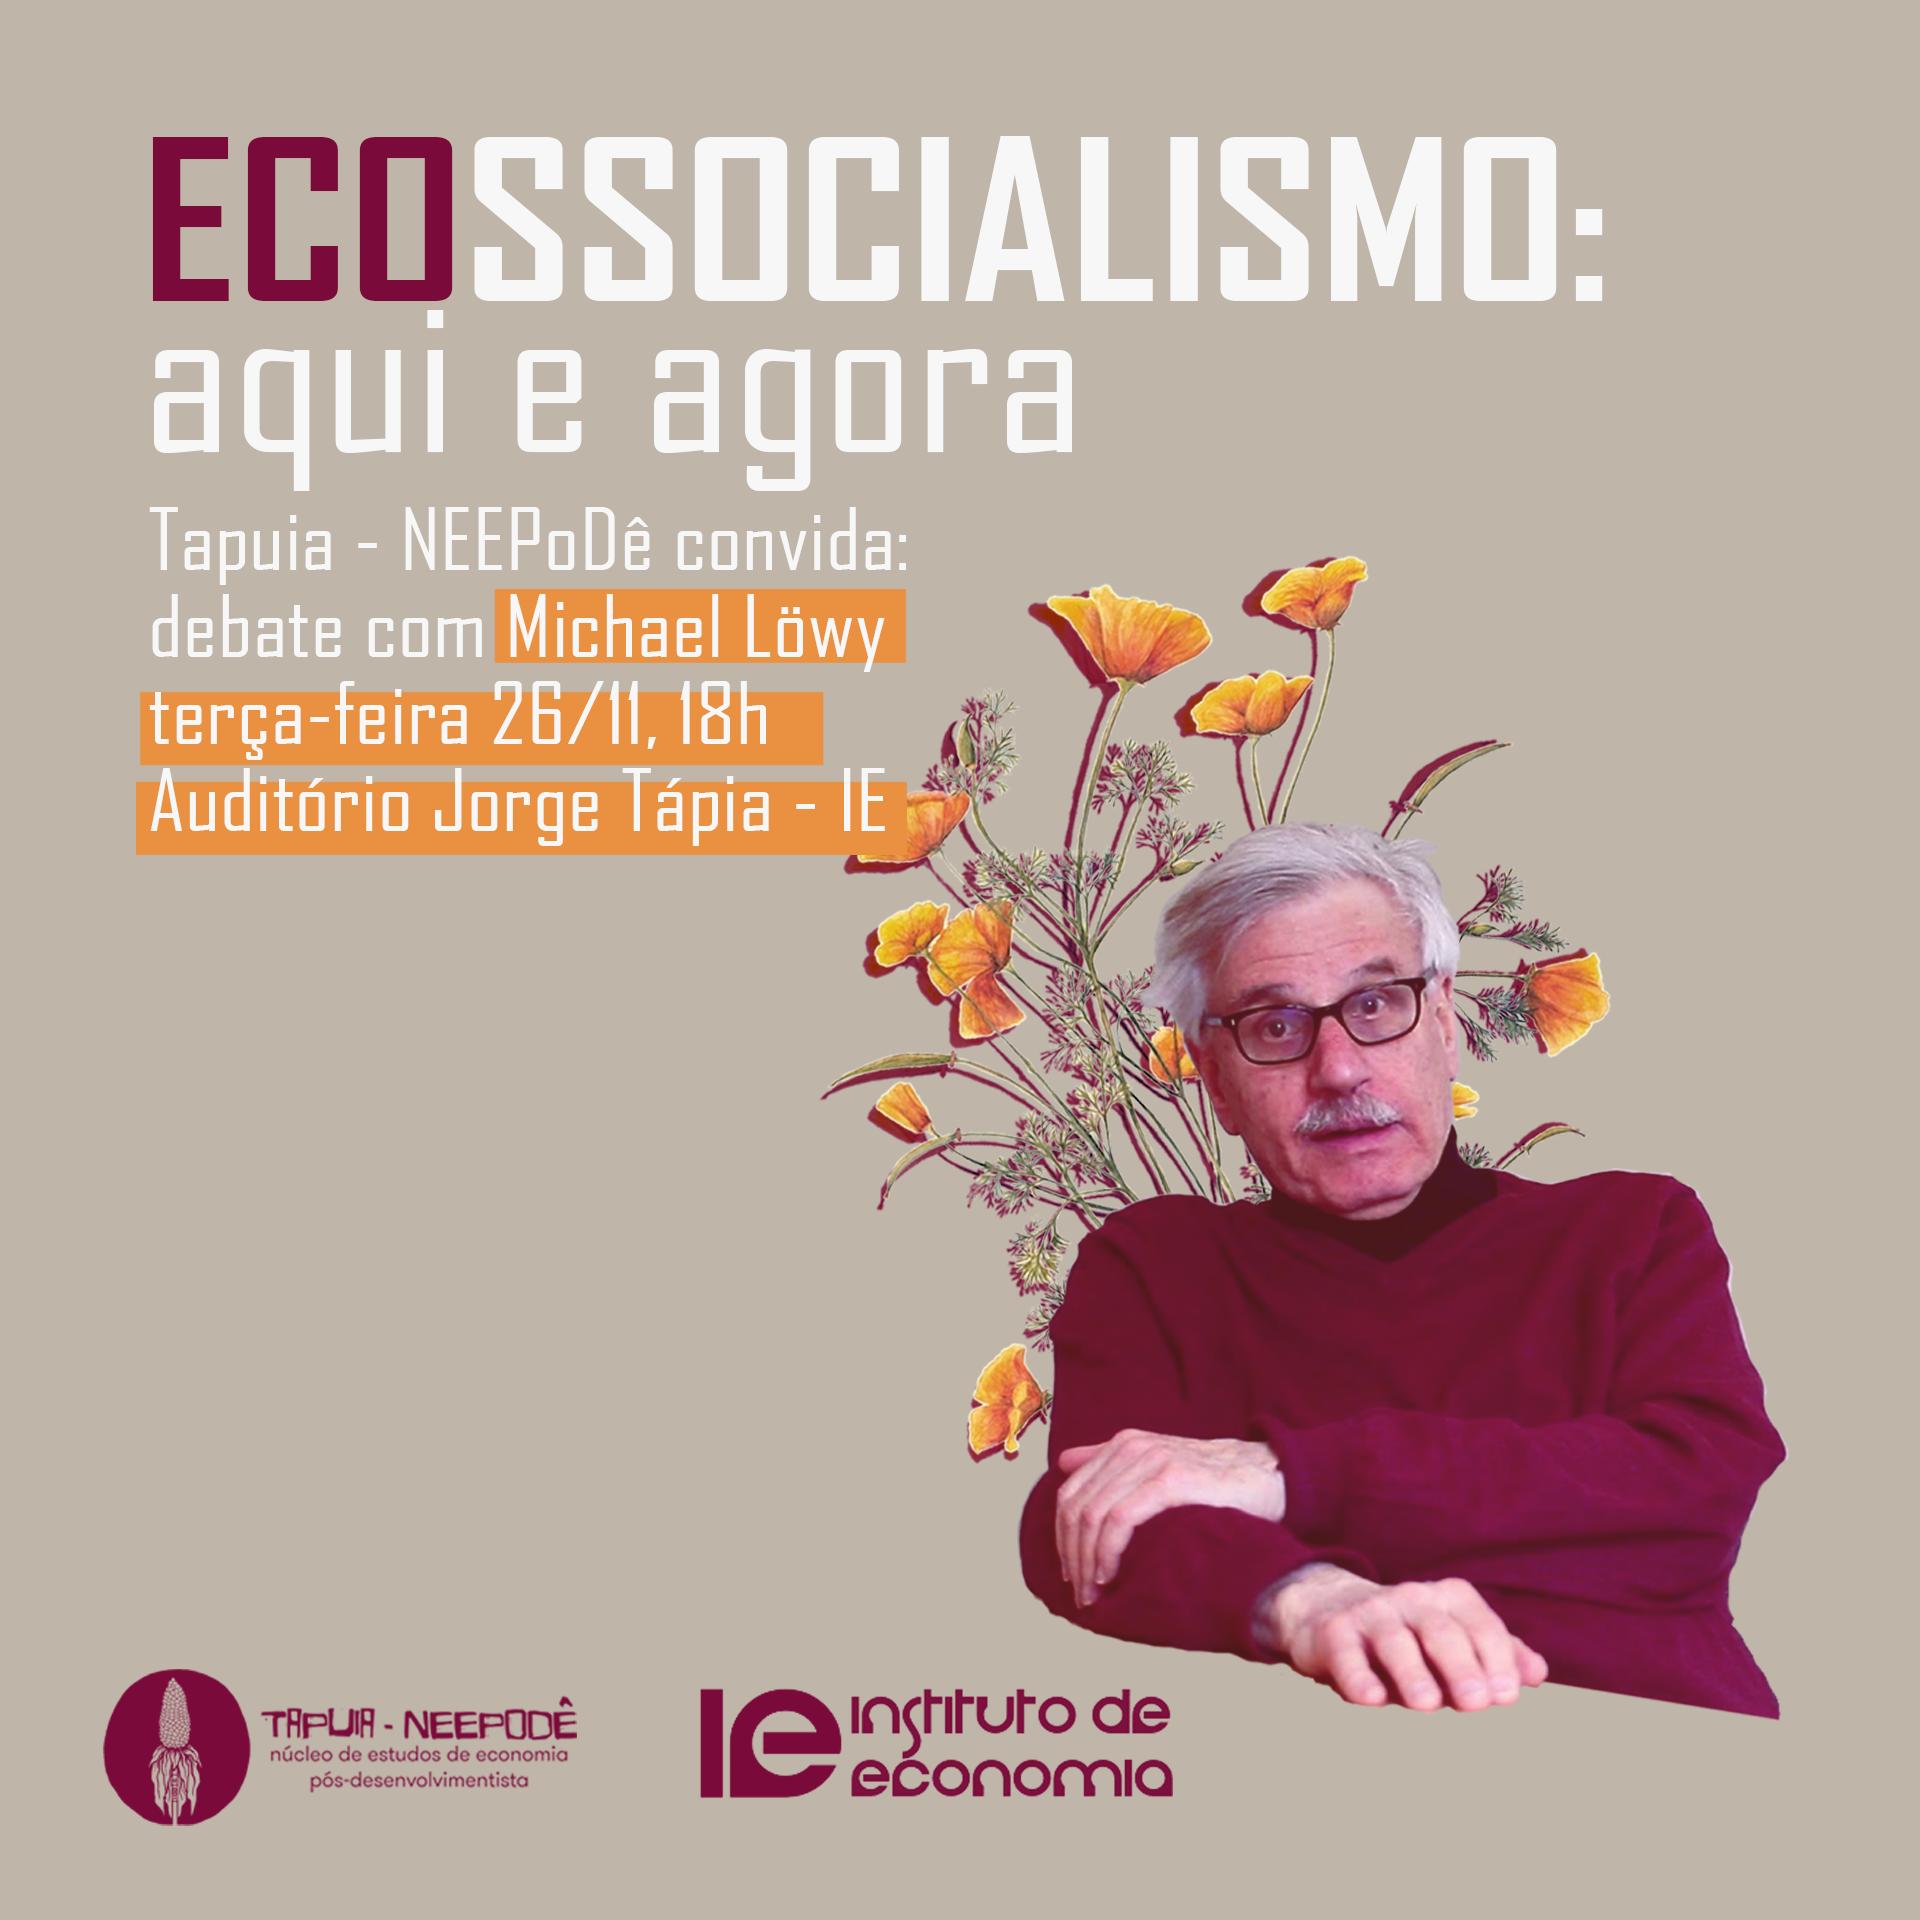 26/11/19 - Michael Löwy: Ecossocialismo: aqui e agora